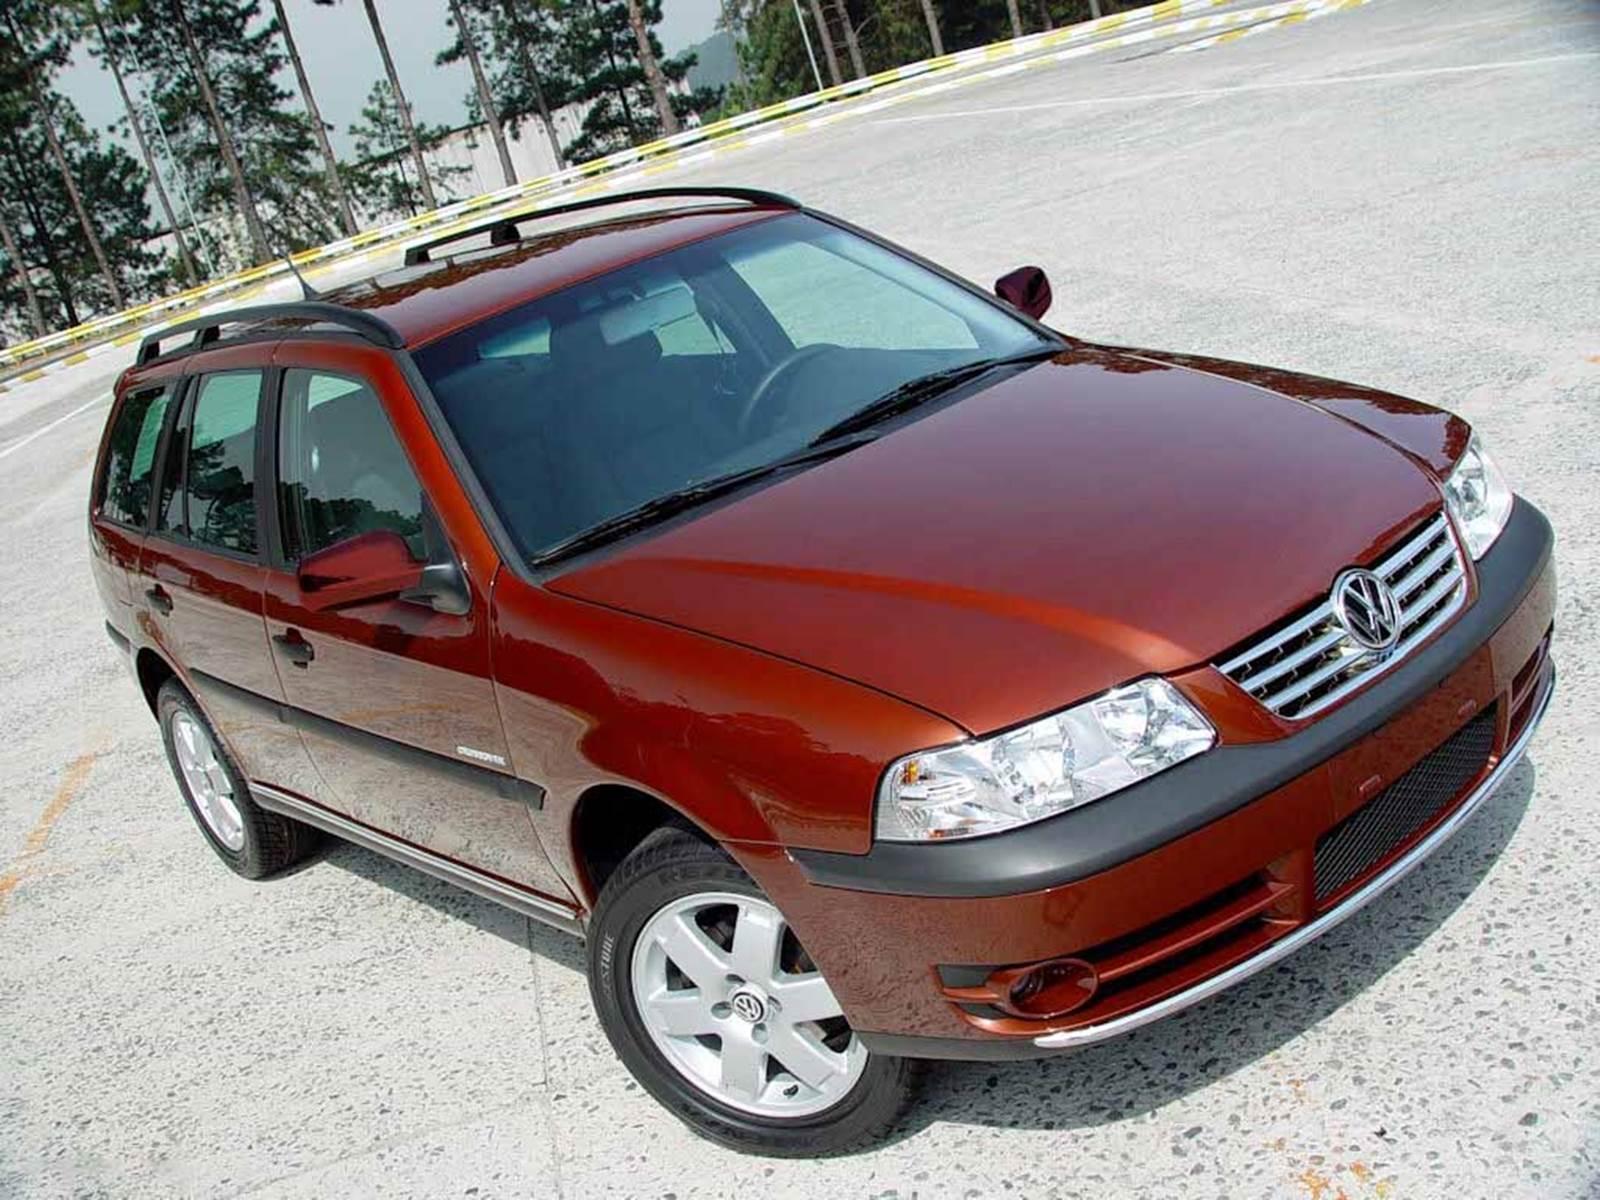 VW Parati Crossover 2002 e 2004 - fotos e detalhes | CAR.BLOG.BR - Carros